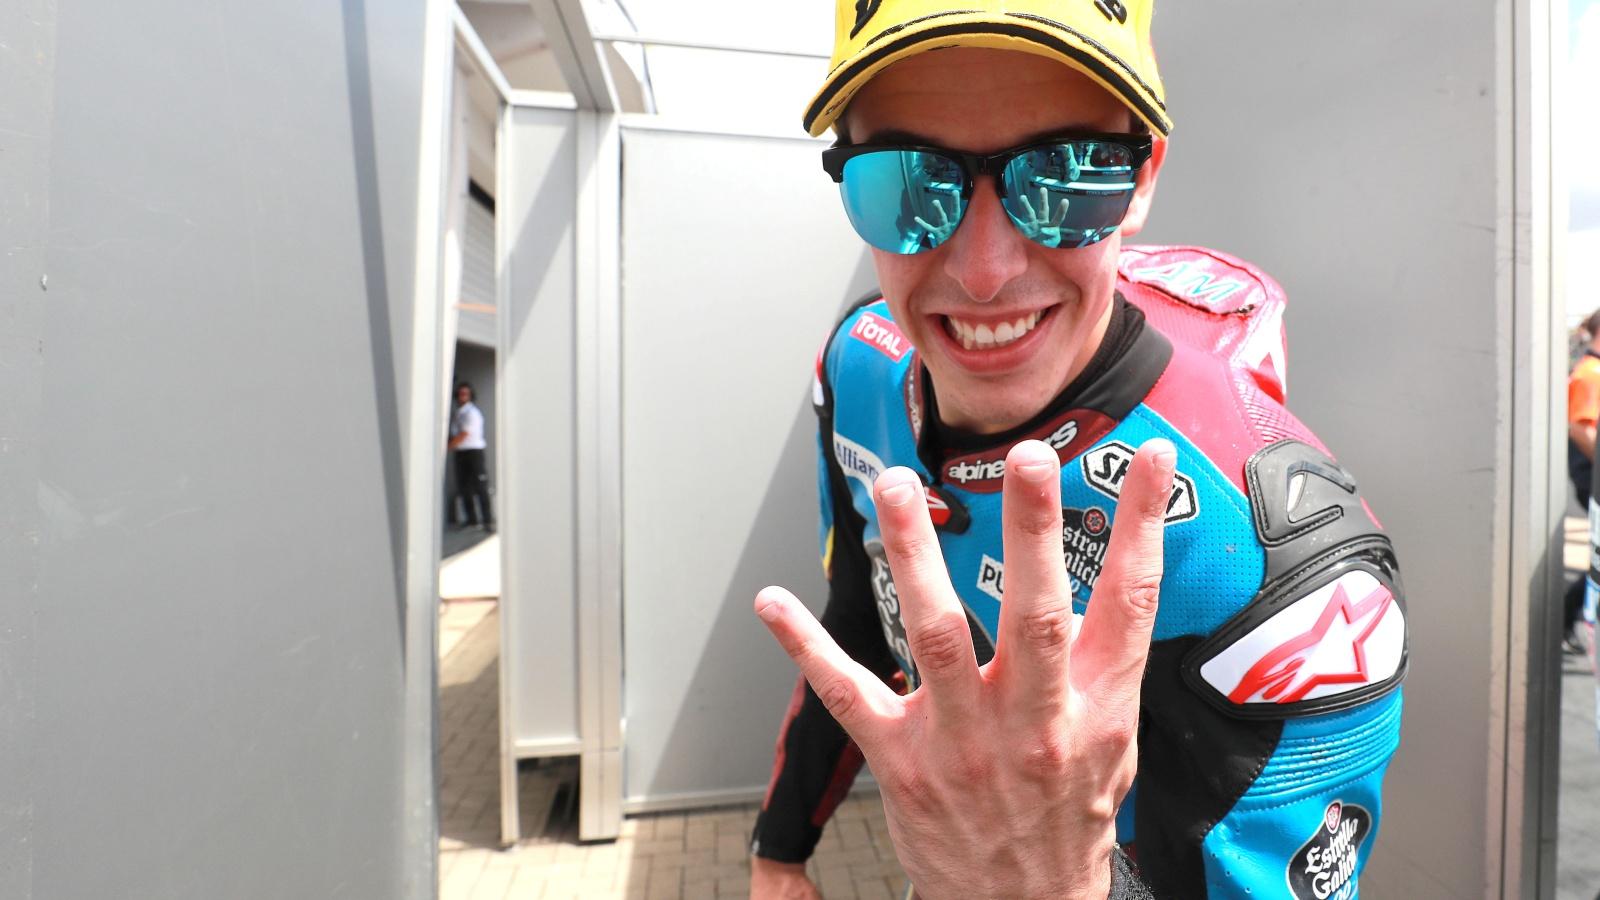 Álex Márquez, el momentum en Moto2 y una sola moto libre en MotoGP 2020